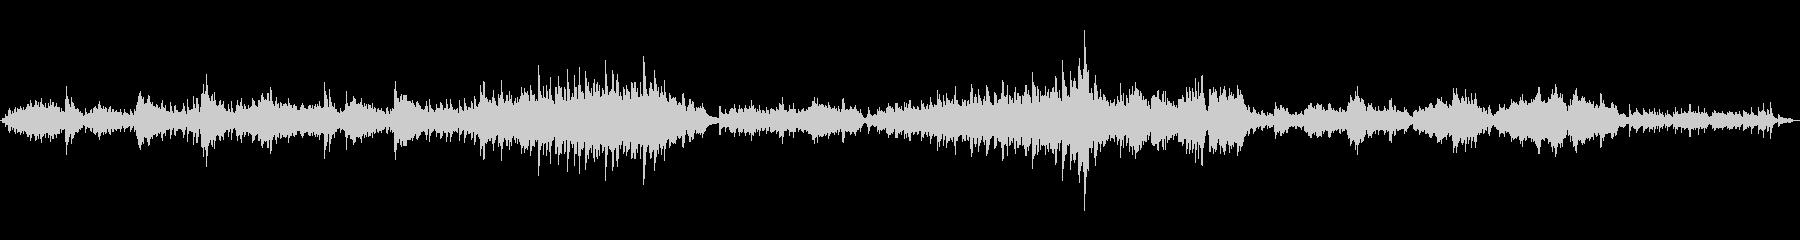 ラフマニノフの前奏曲を原曲でピアノ演奏の未再生の波形